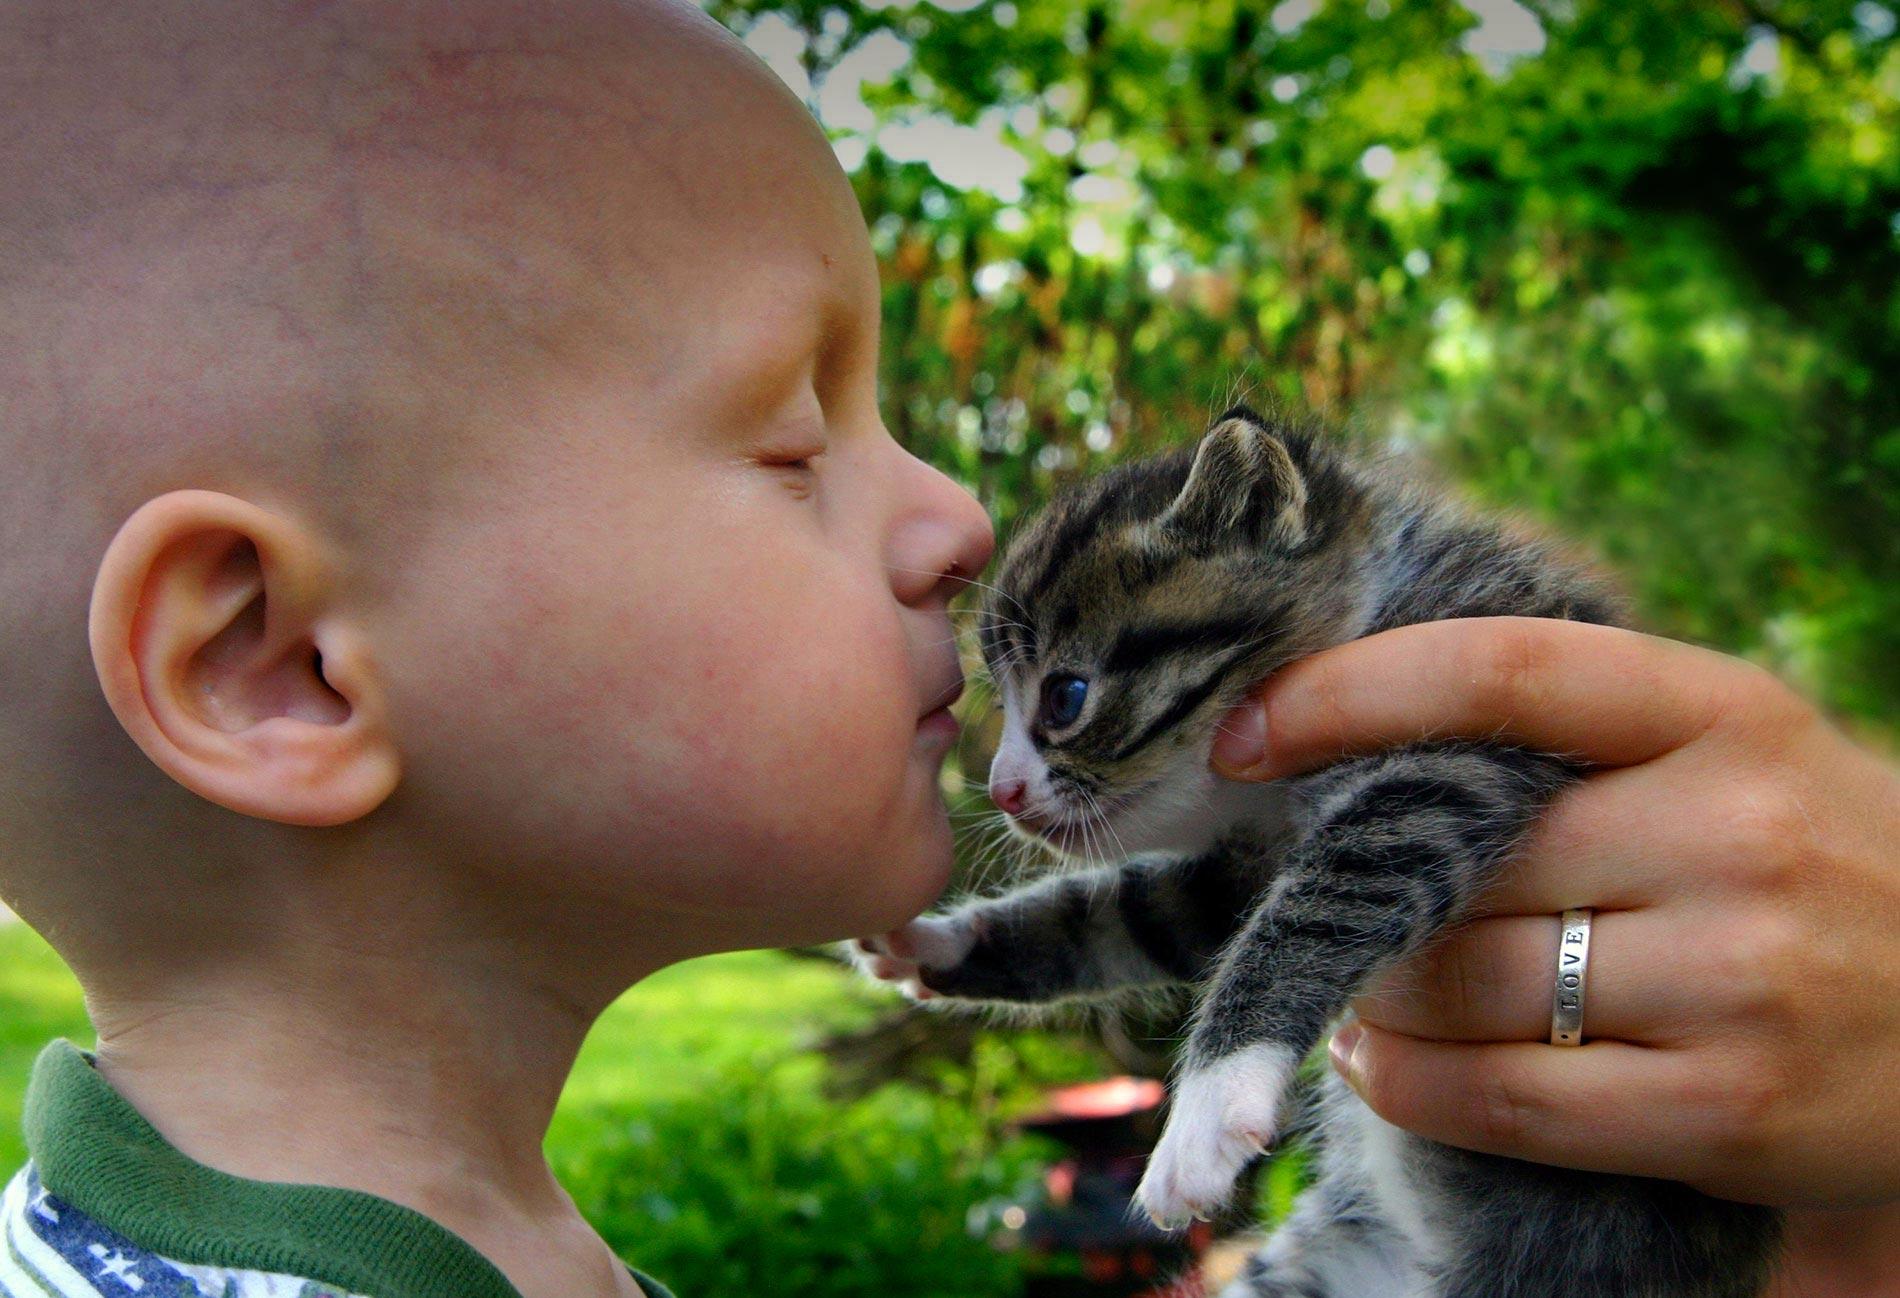 ο καρκίνος της παιδικής ηλικίας μπορεί να ιαθεί